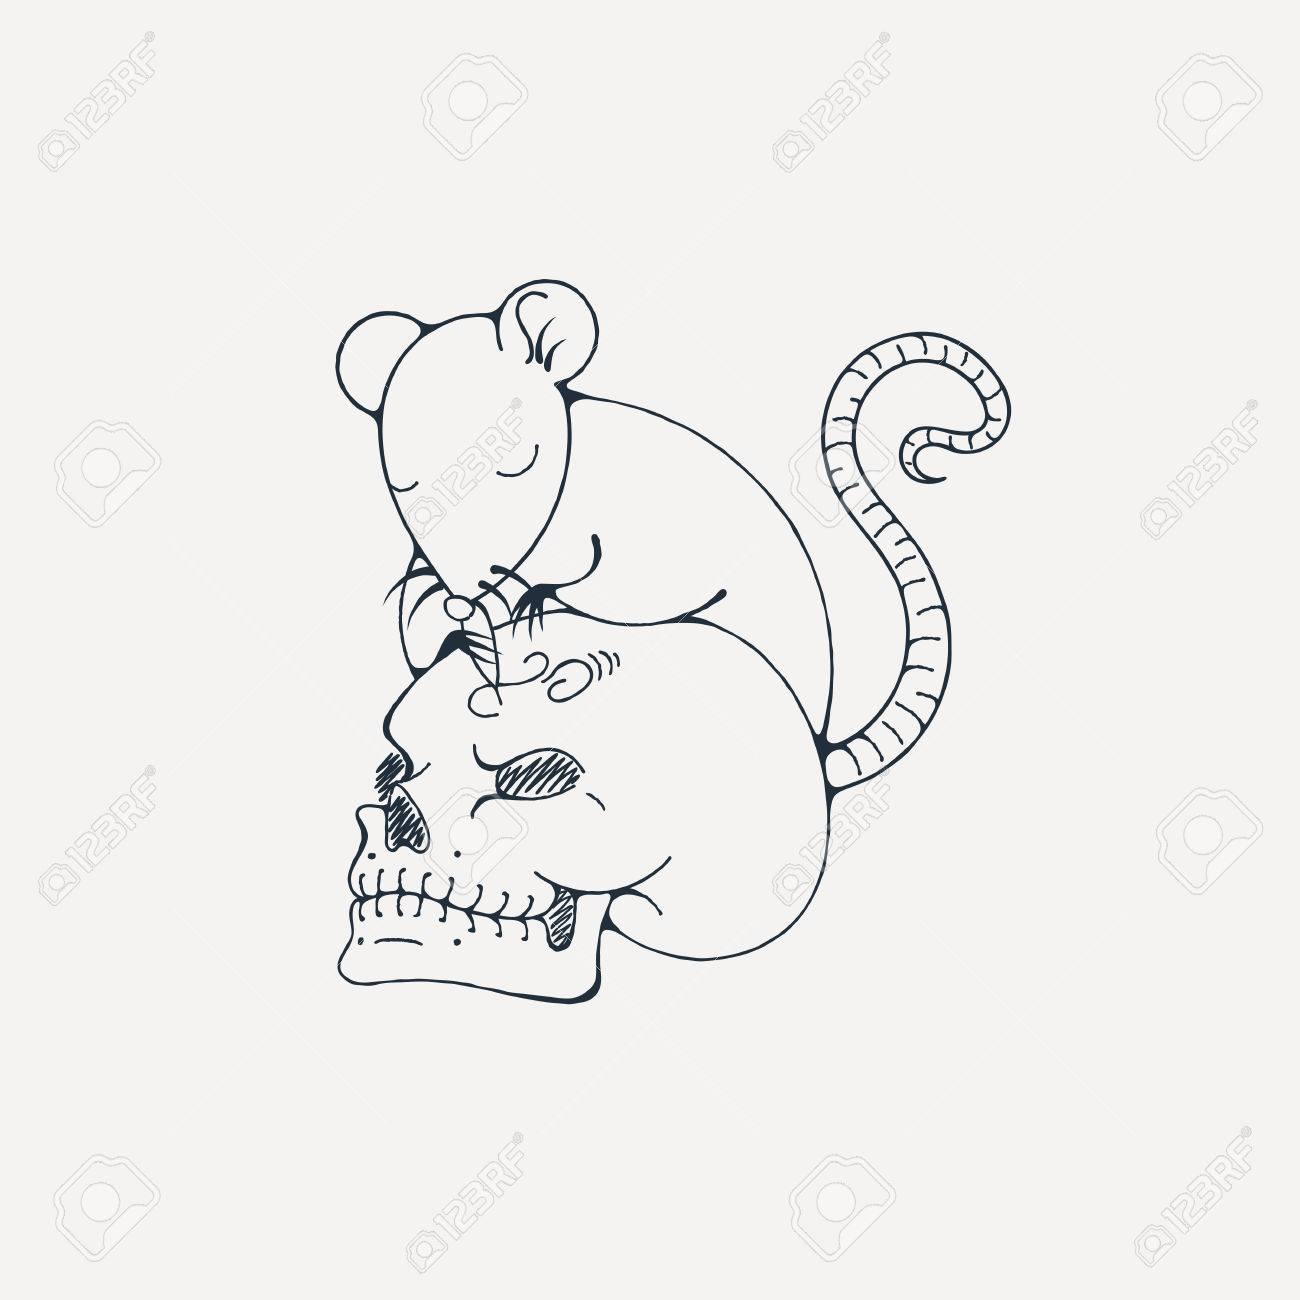 La Ilustración Con La Rata Graba El Cráneo Humano Dibujo Para